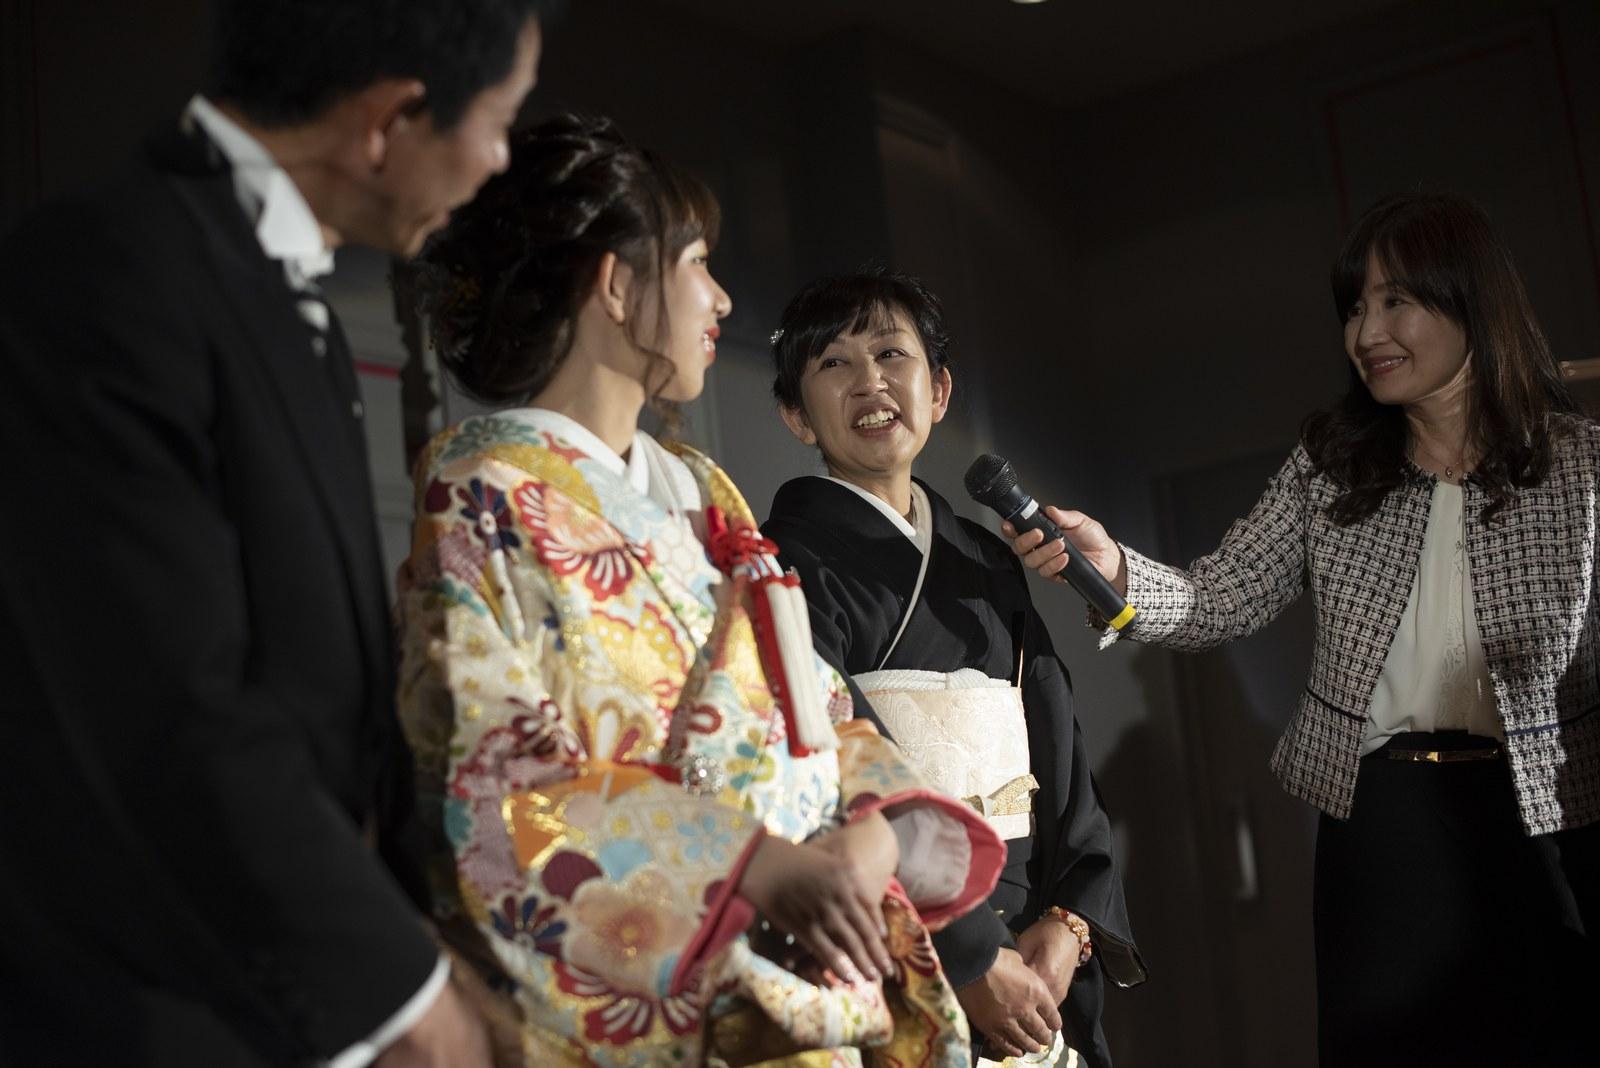 徳島市の結婚式場ブランアンジュの和装でのあ色直し入場後にはお母さまからのメッセージ